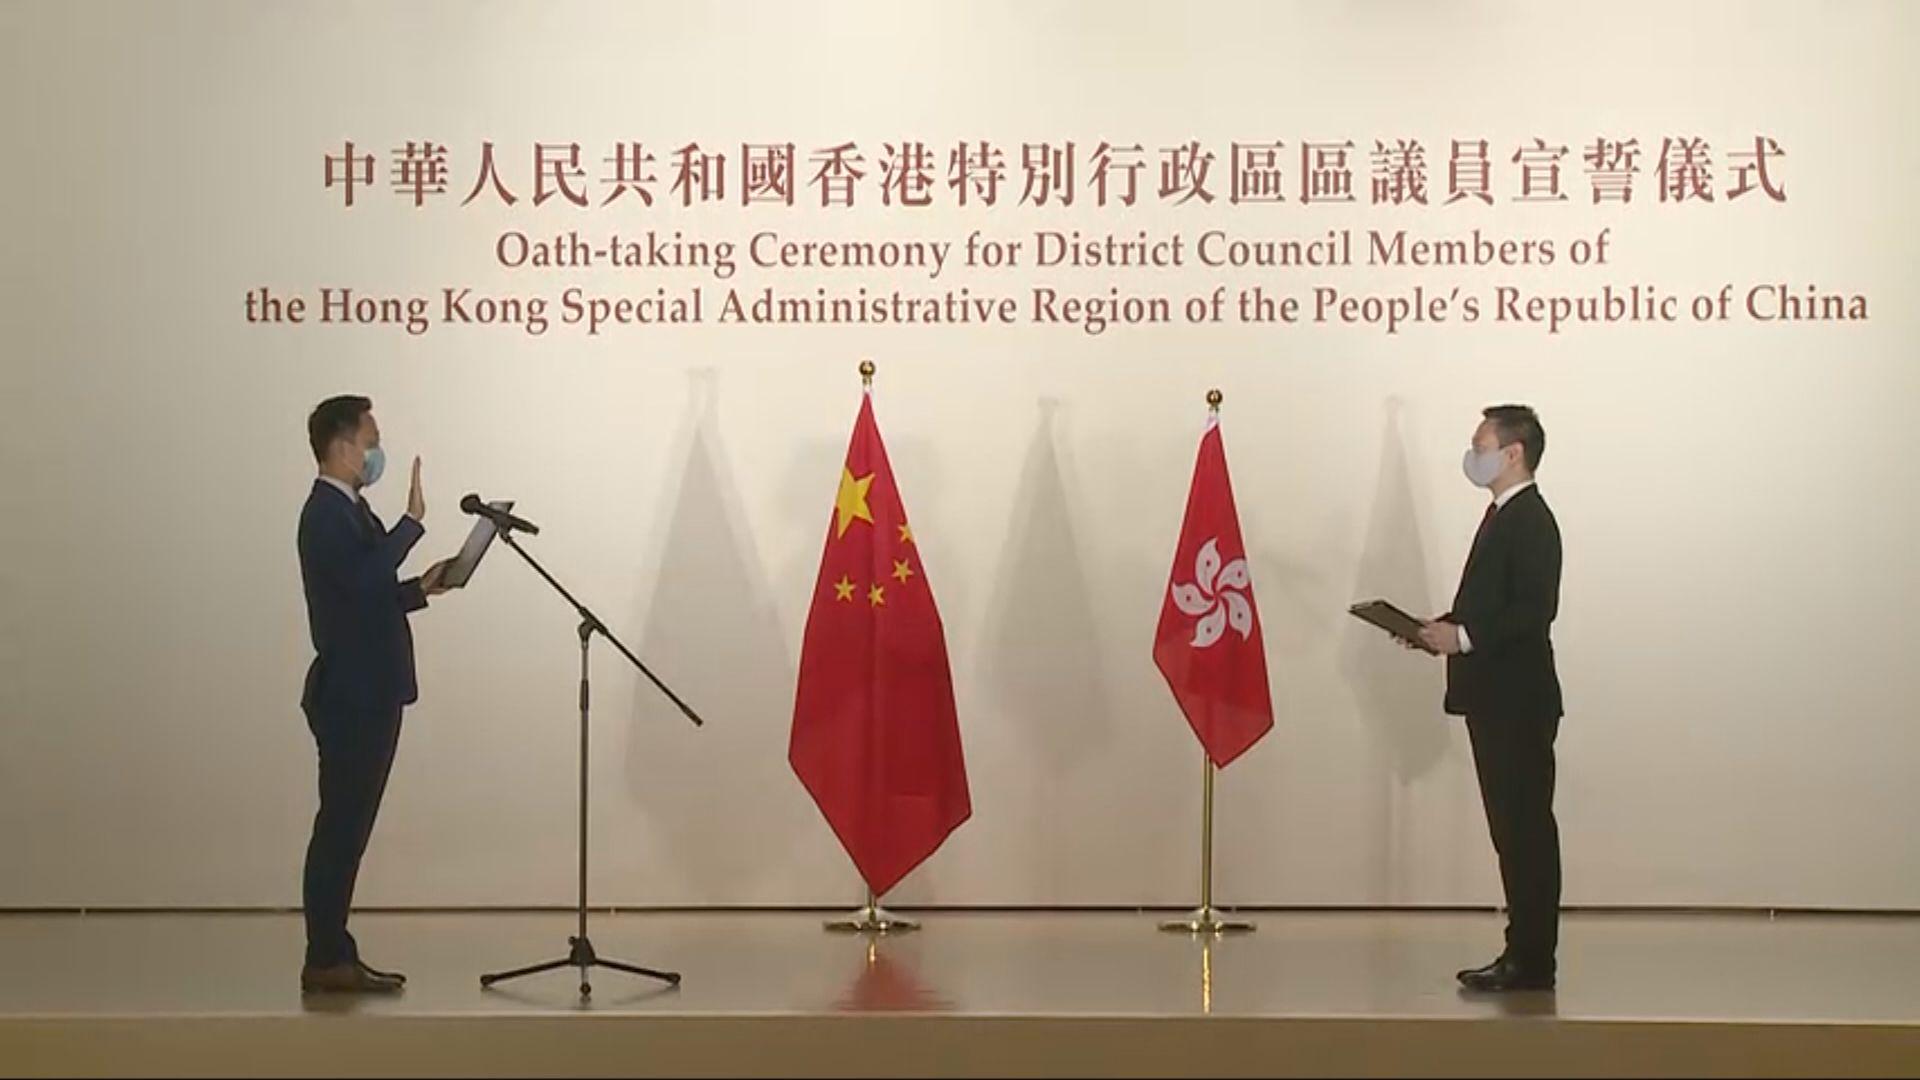 政府安排第二批區議員周五宣誓 涉九龍五區議會